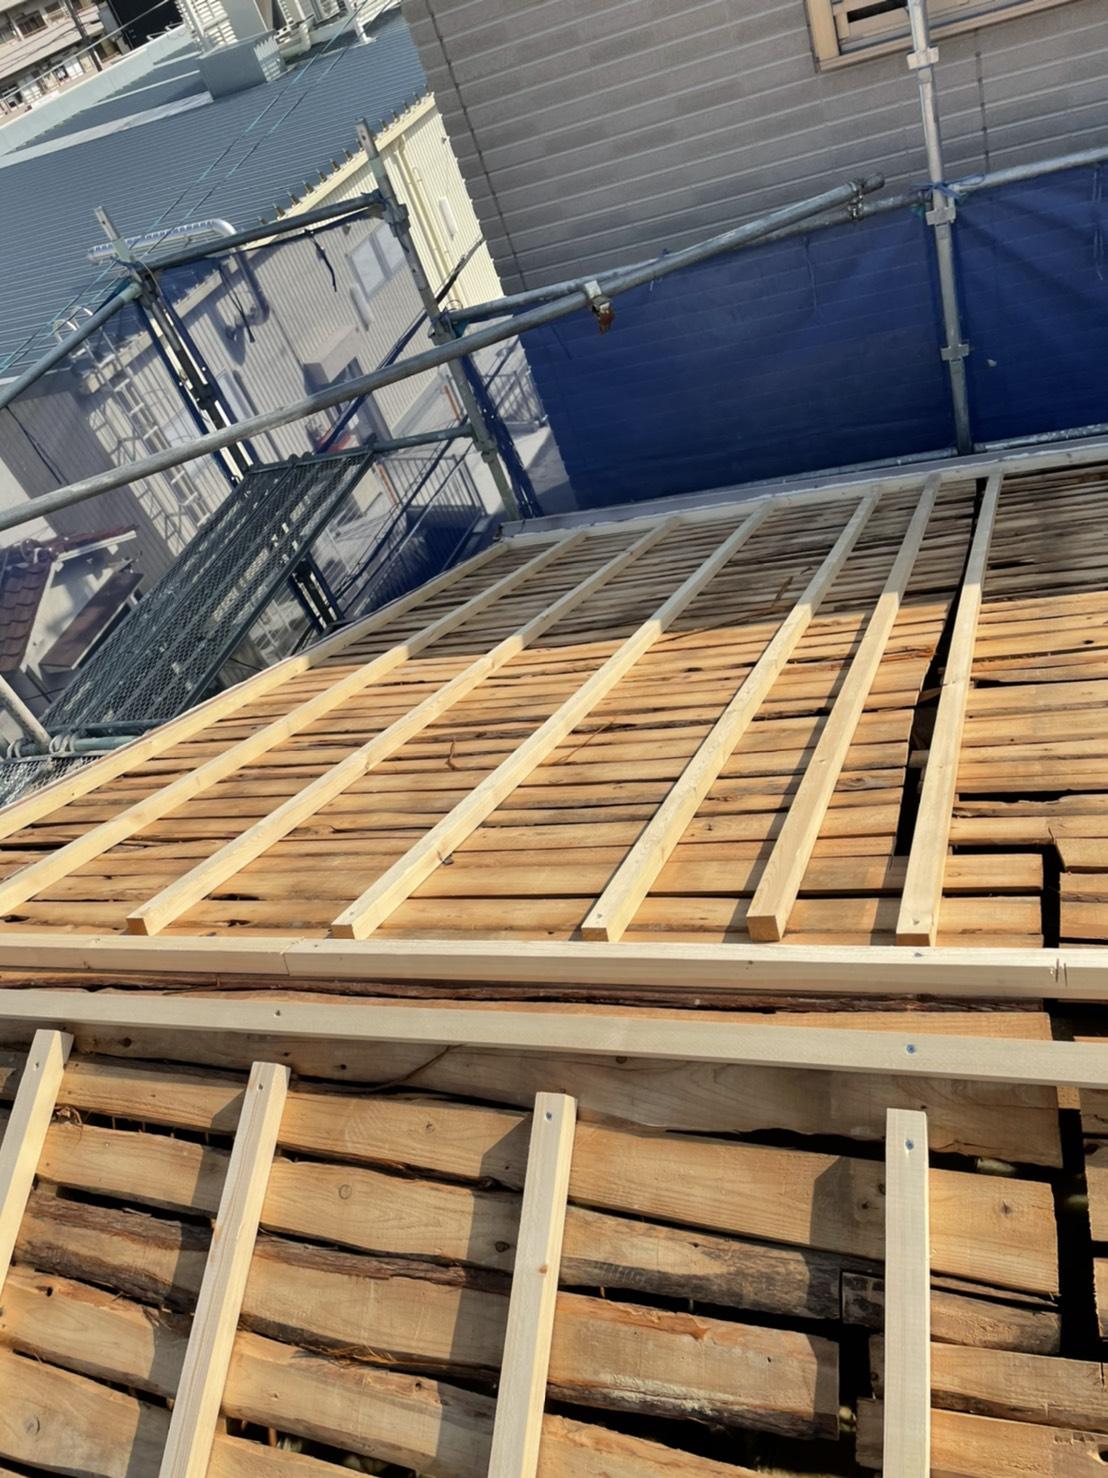 三木市での屋根葺き替え工事「通気工法」で垂木を使用し空気層を作ることで断熱効果が生まれる